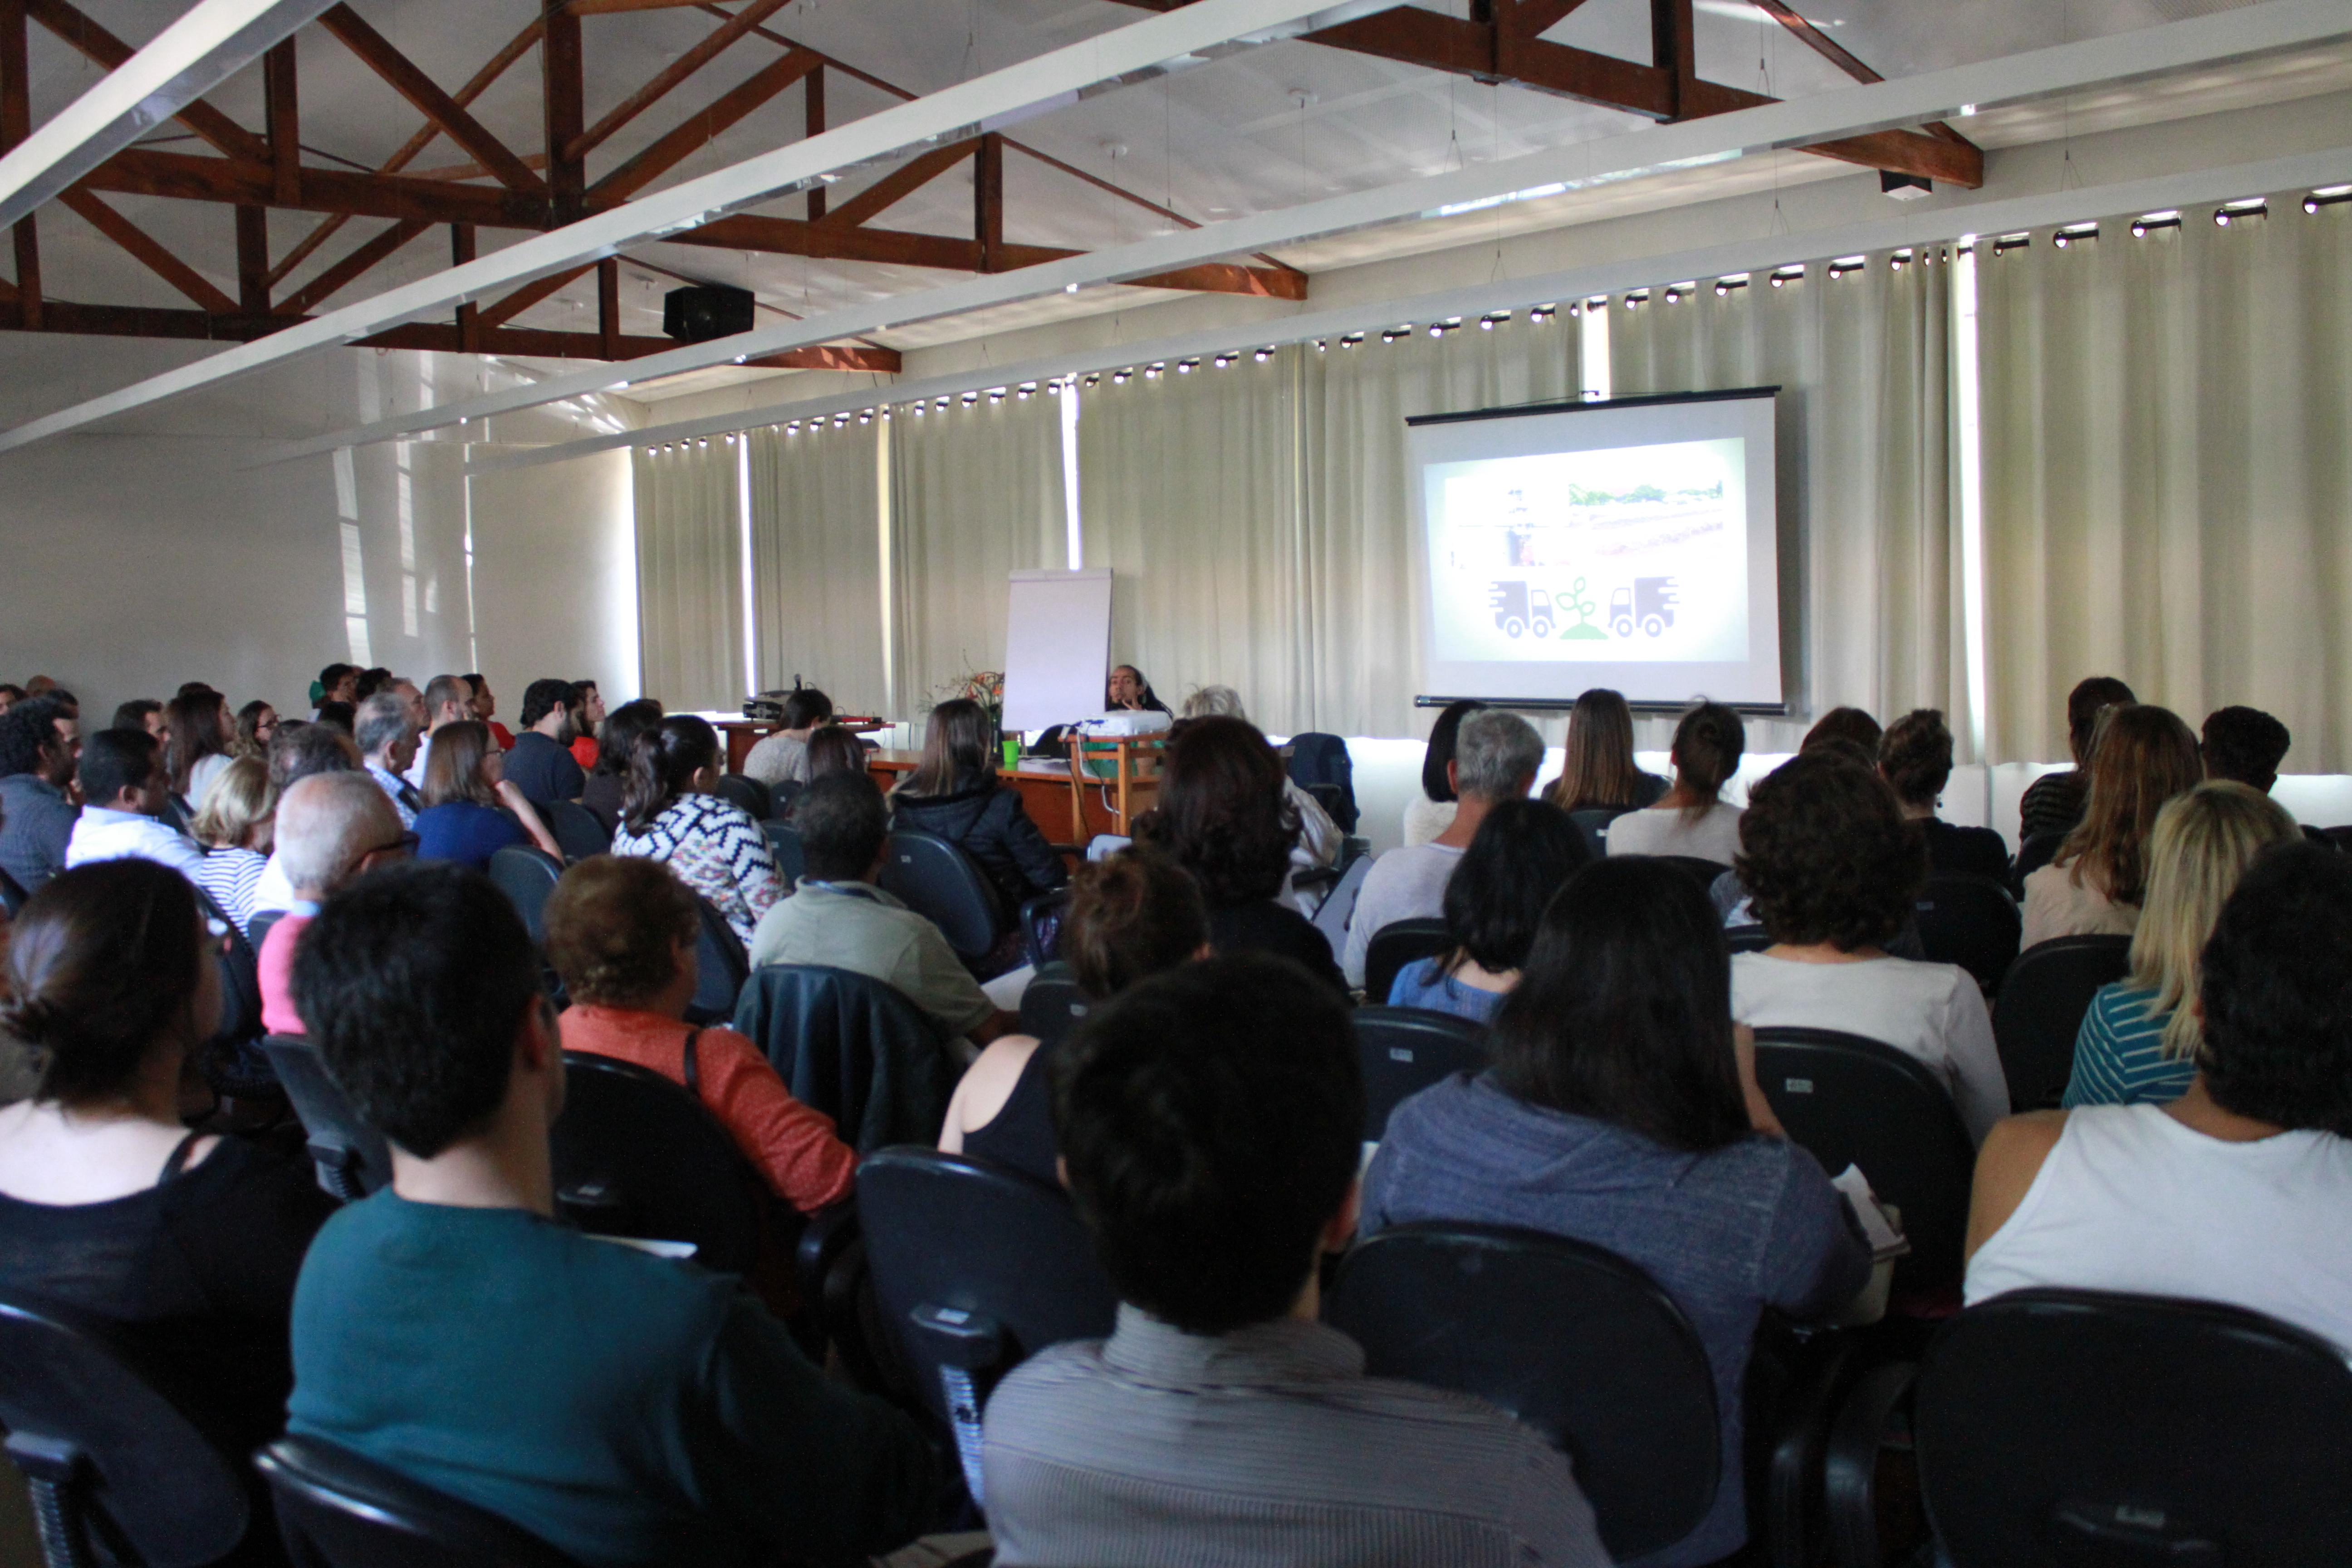 Público no Auditório da UMAPAZ - Parque do Ibirapuera.